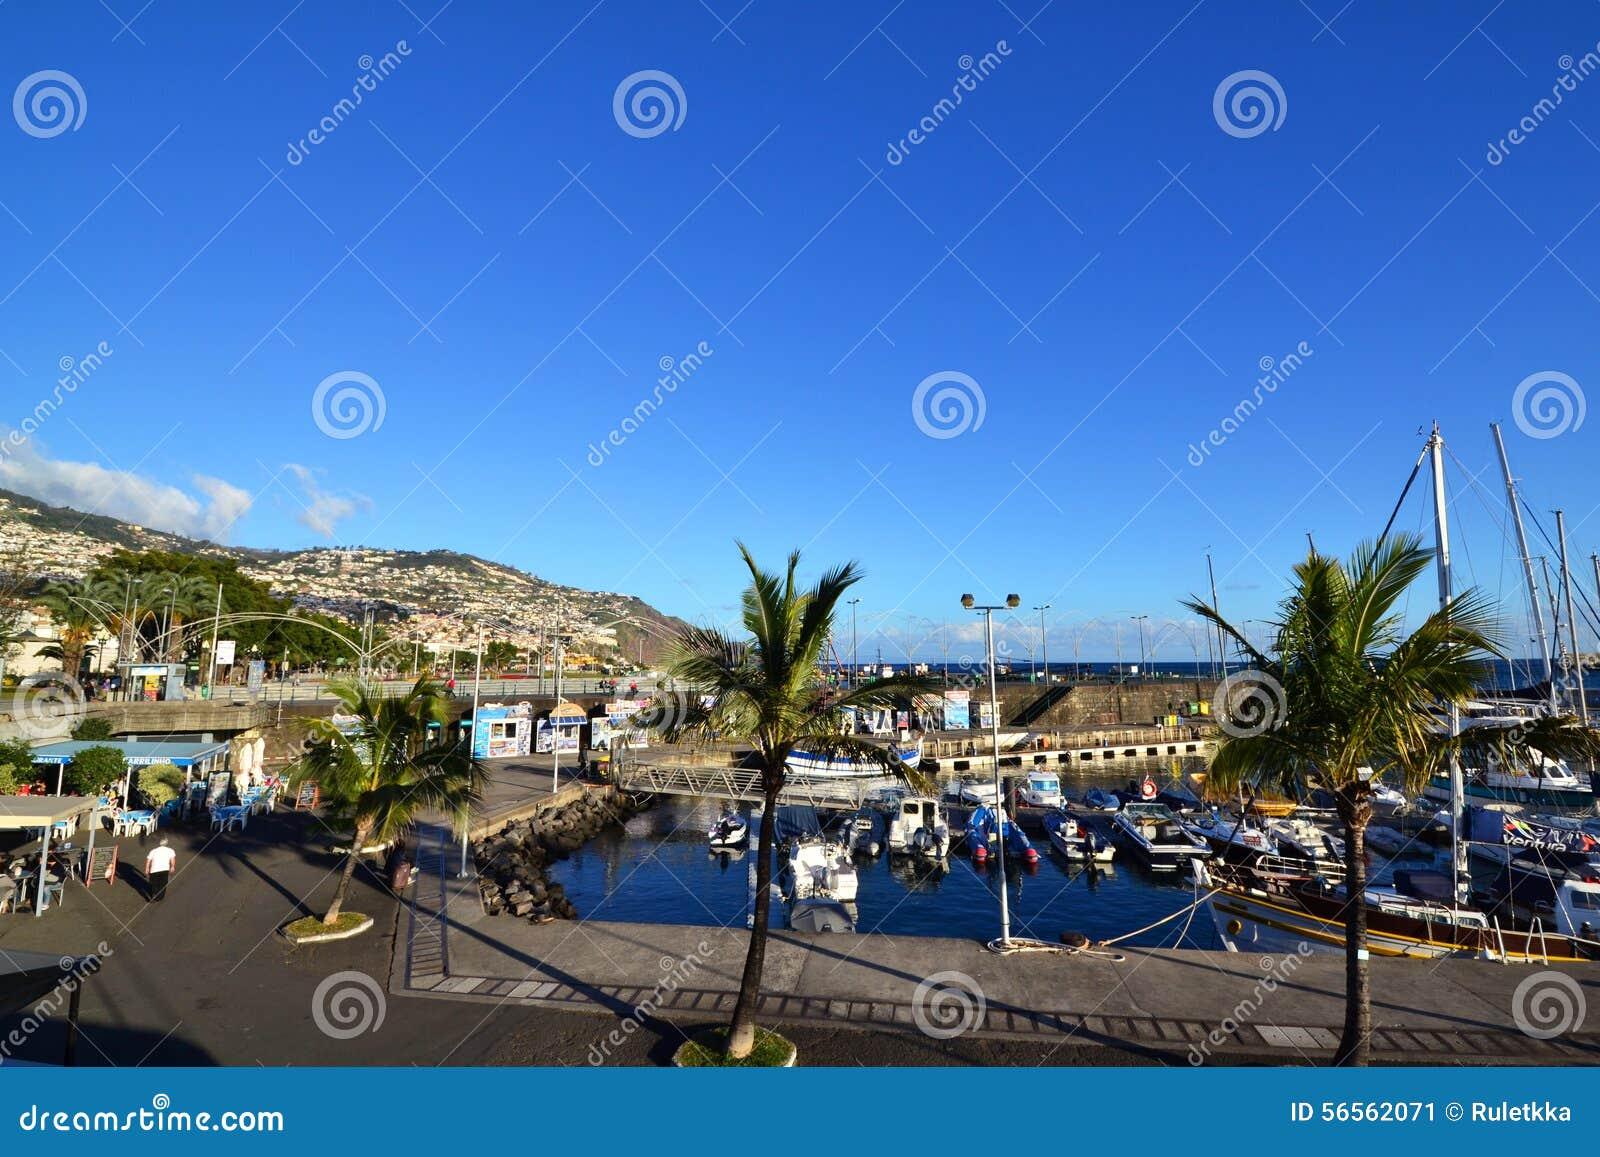 Download Όμορφη άποψη της πόλης του Φουνκάλ, Πορτογαλία Εκδοτική Εικόνες - εικόνα από δρόμος, ογκώδης: 56562071